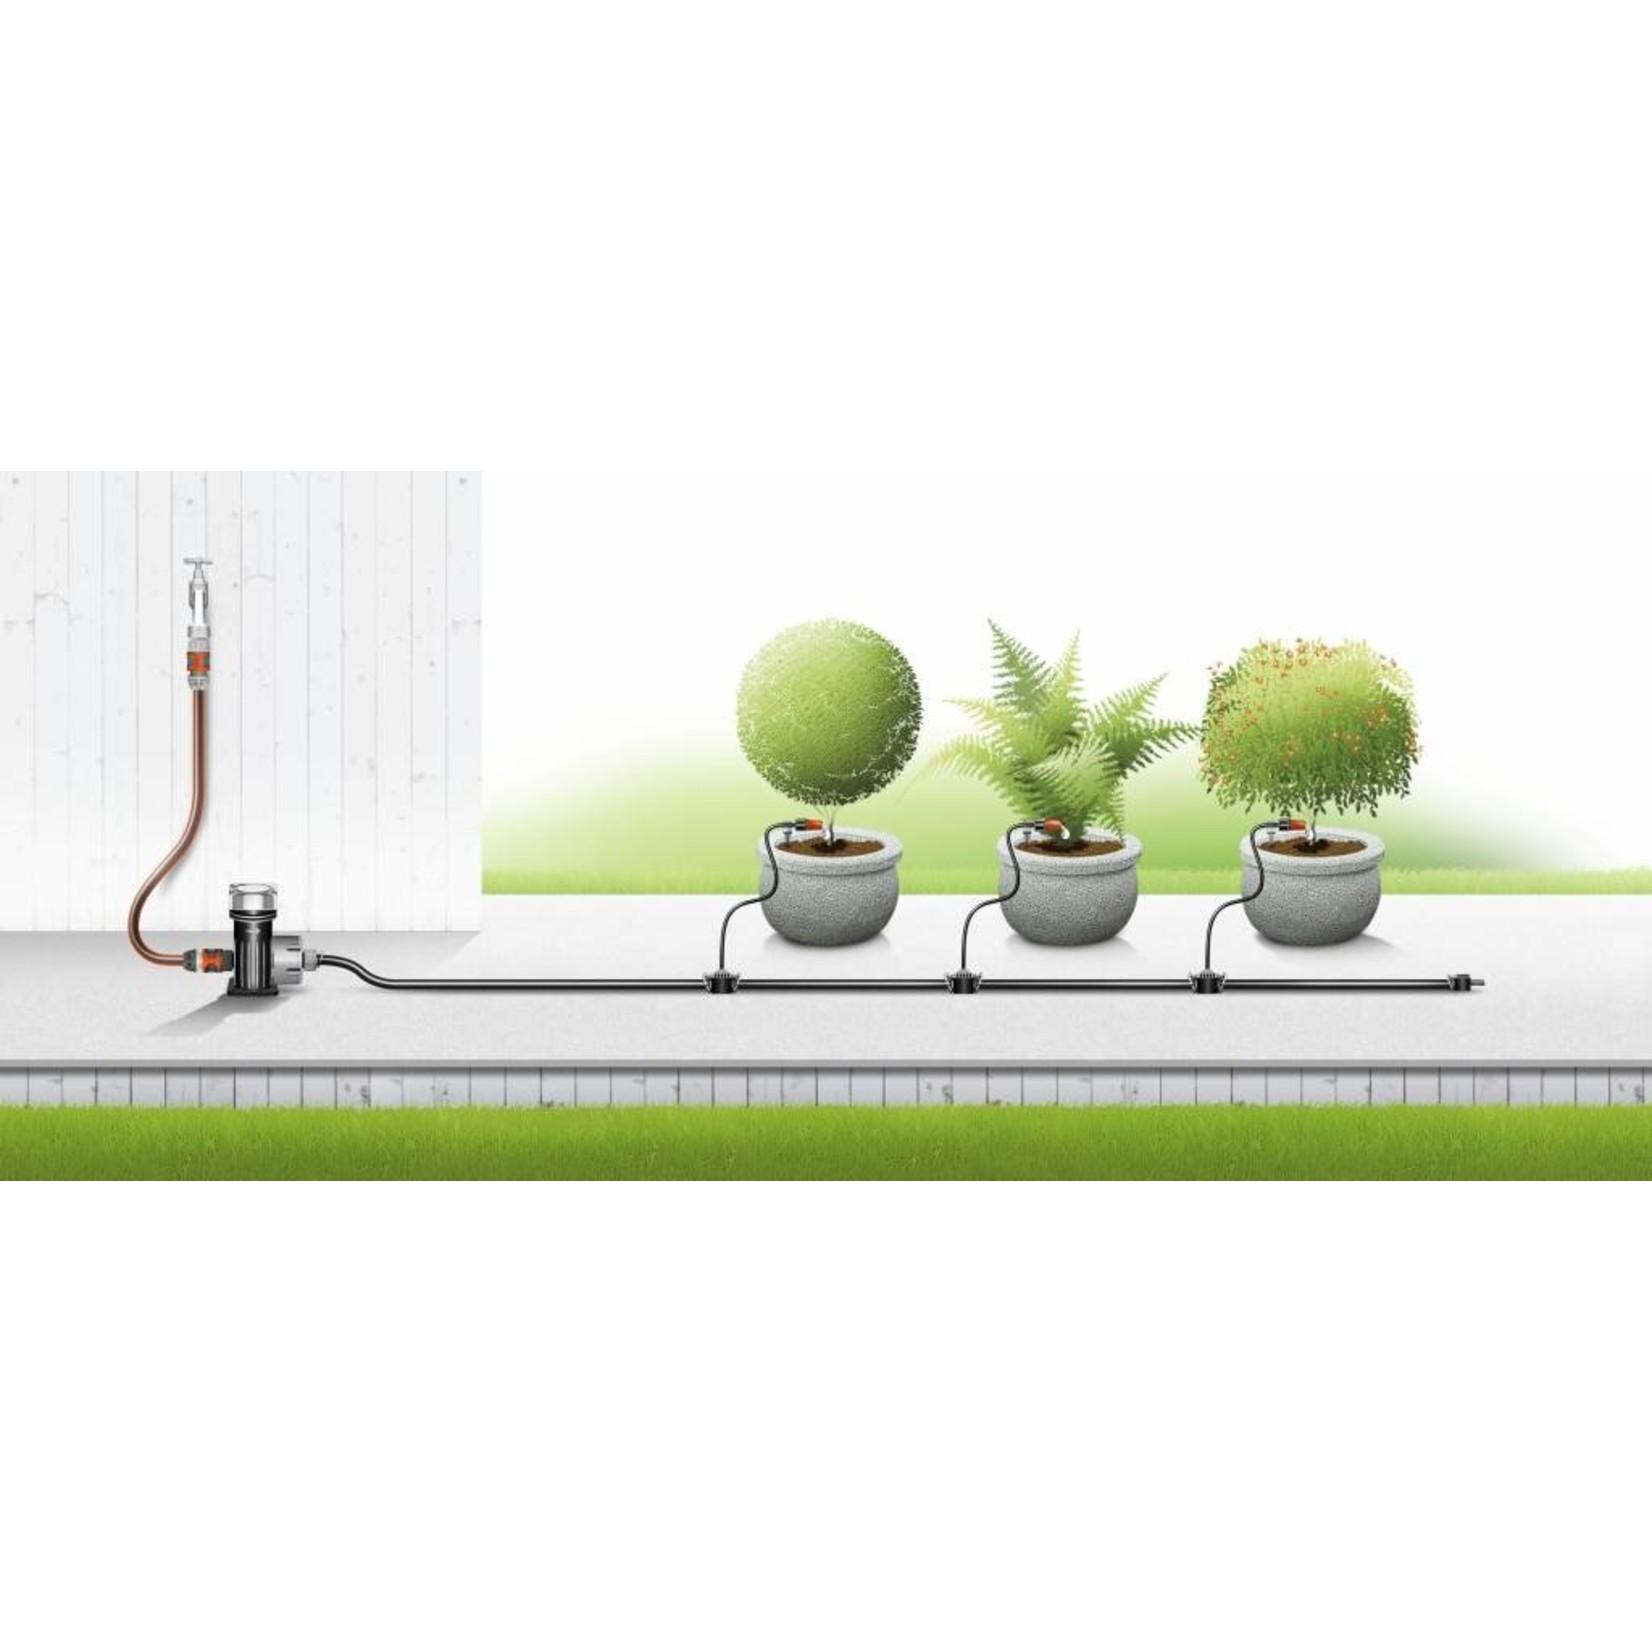 Gardena Gardena Micro Drip Startset voor Bloembakken